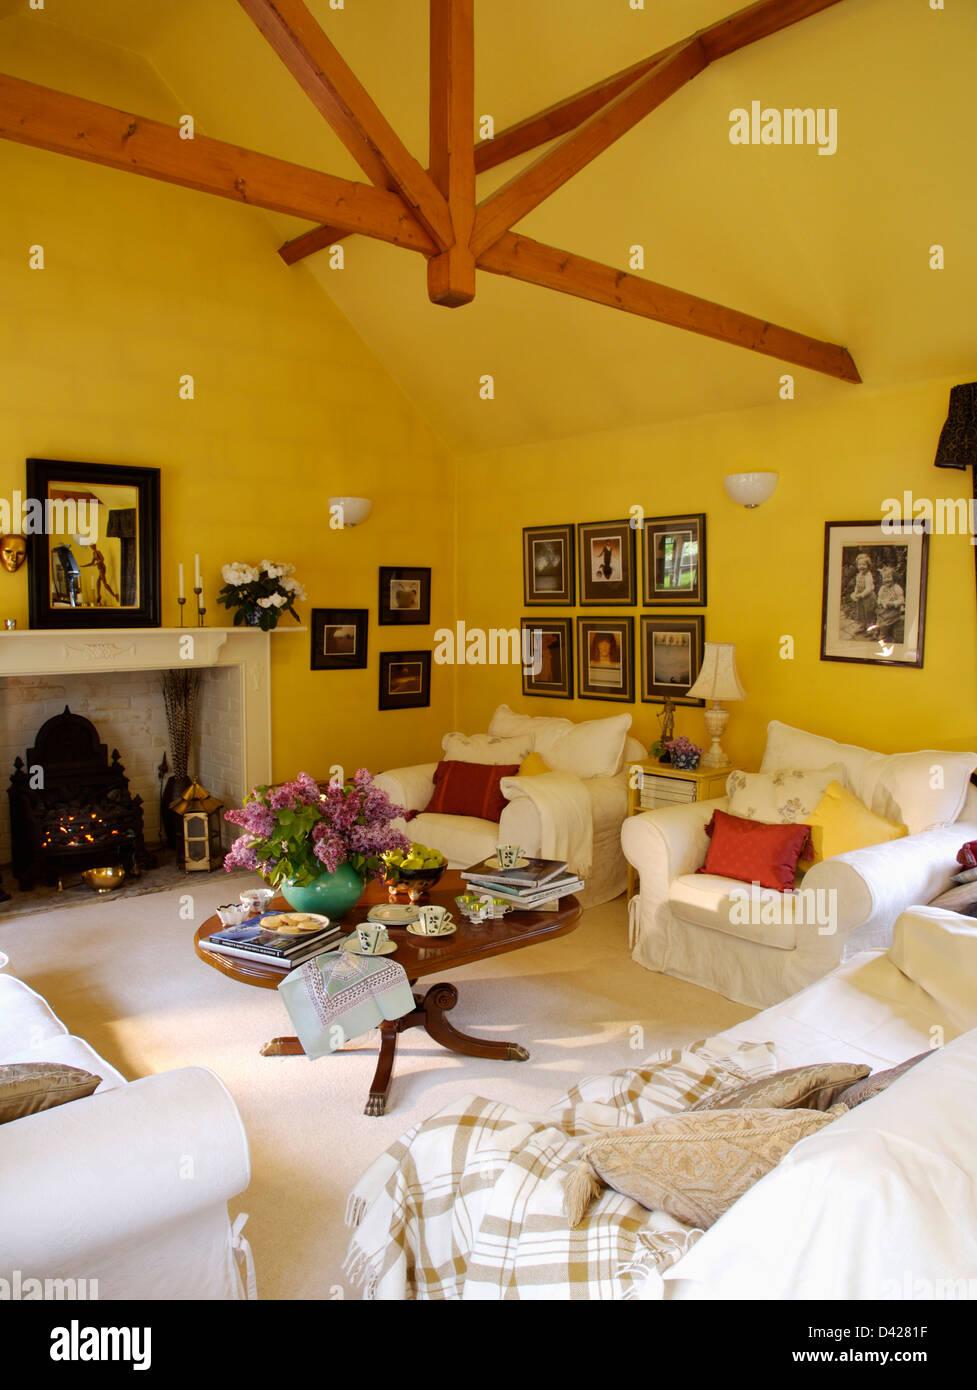 Weißer Sessel Und Teppich In Gelb Wohnzimmer Apex Decke Mit Holzbalken Und  Schwarzen Ofen Kamin